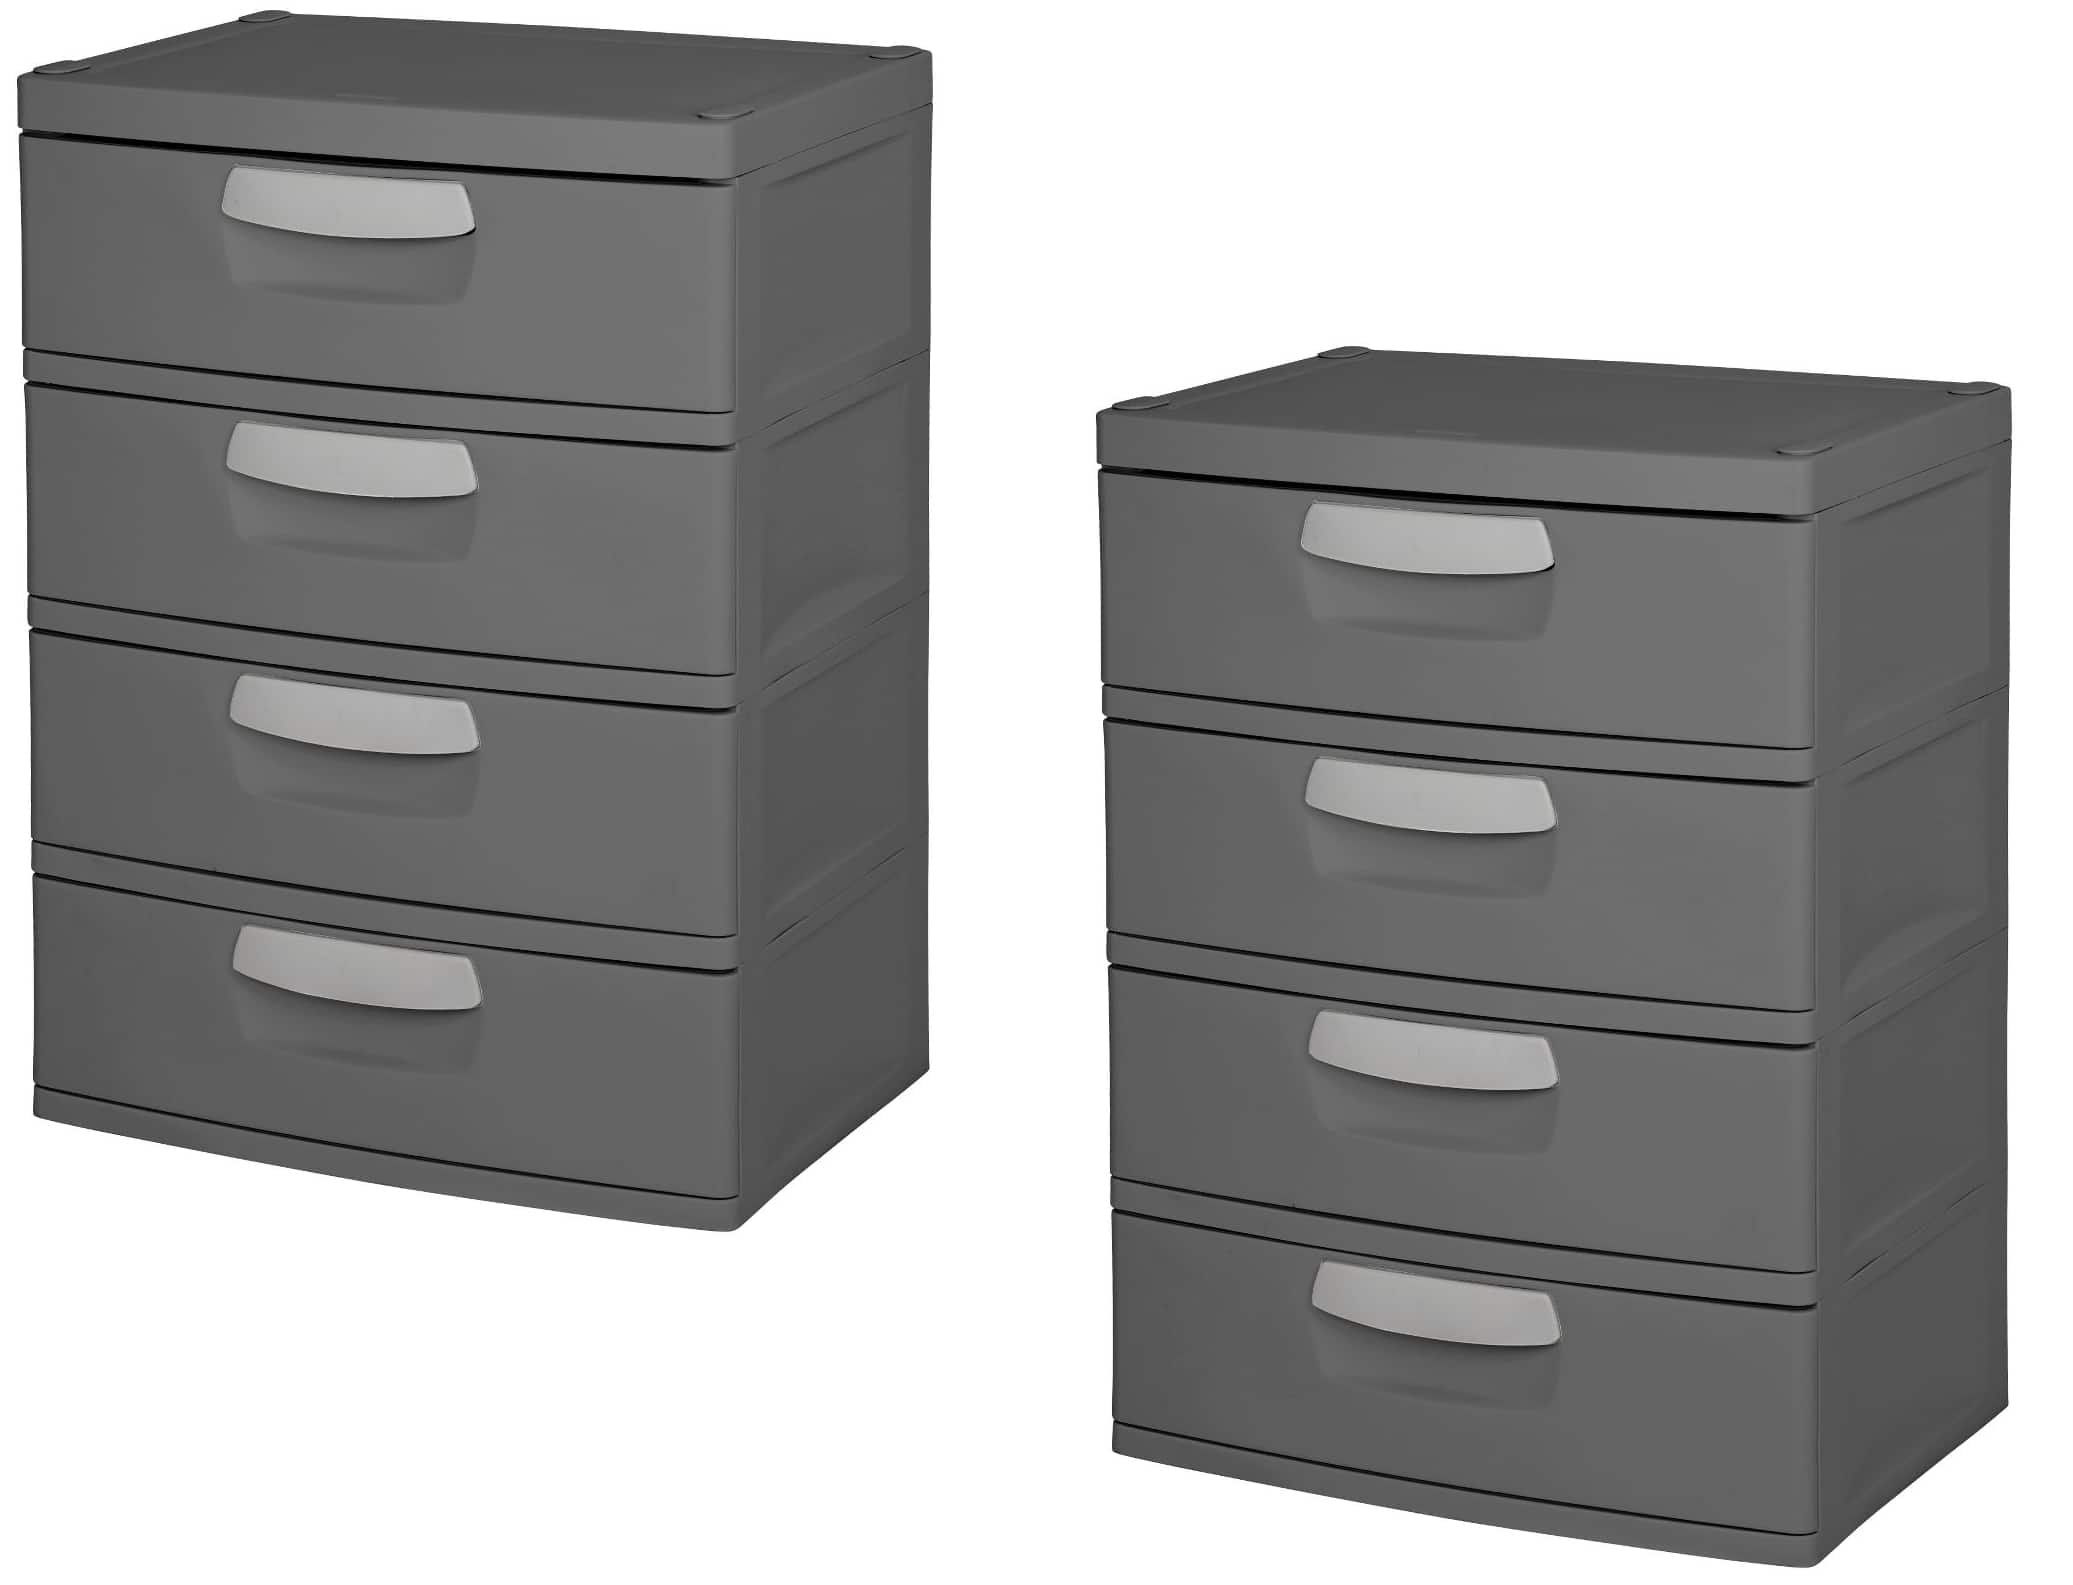 Sterilite 4 Drawer Garage And Utility Storage Unit Slickdeals Net